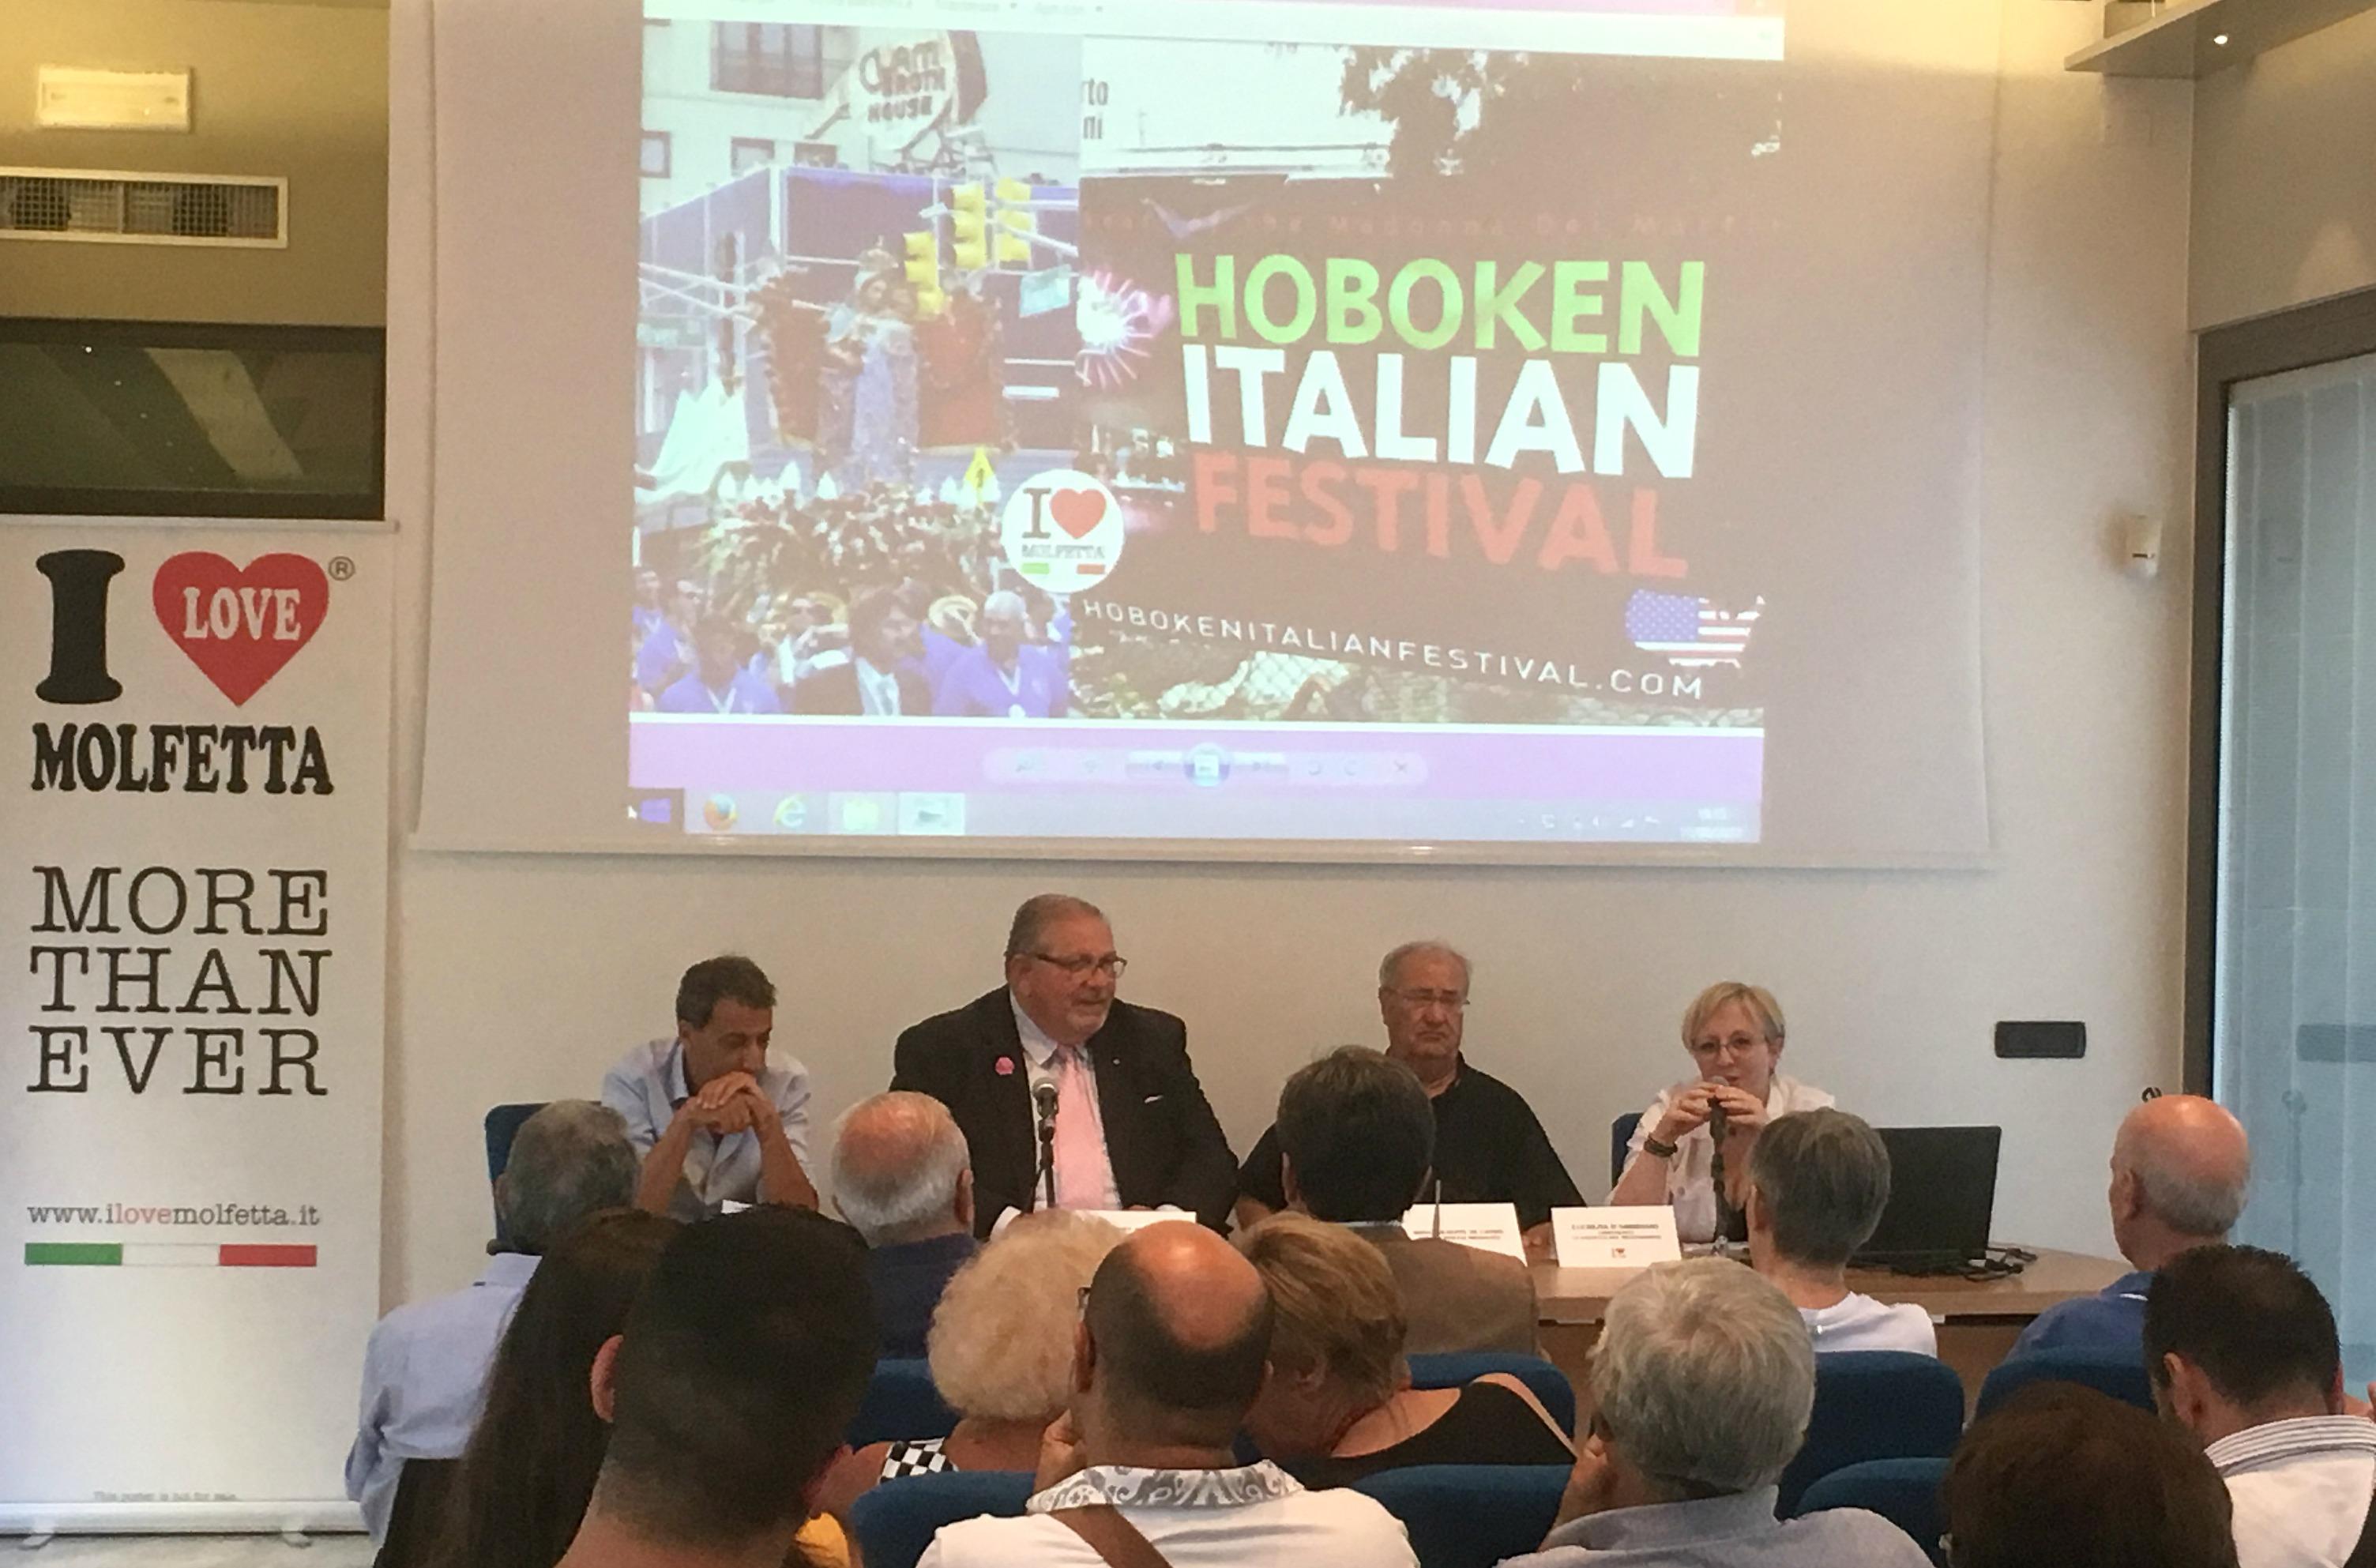 Evento italiano oltreoceano: i Vigili da Molfetta ad Hoboken negli USA